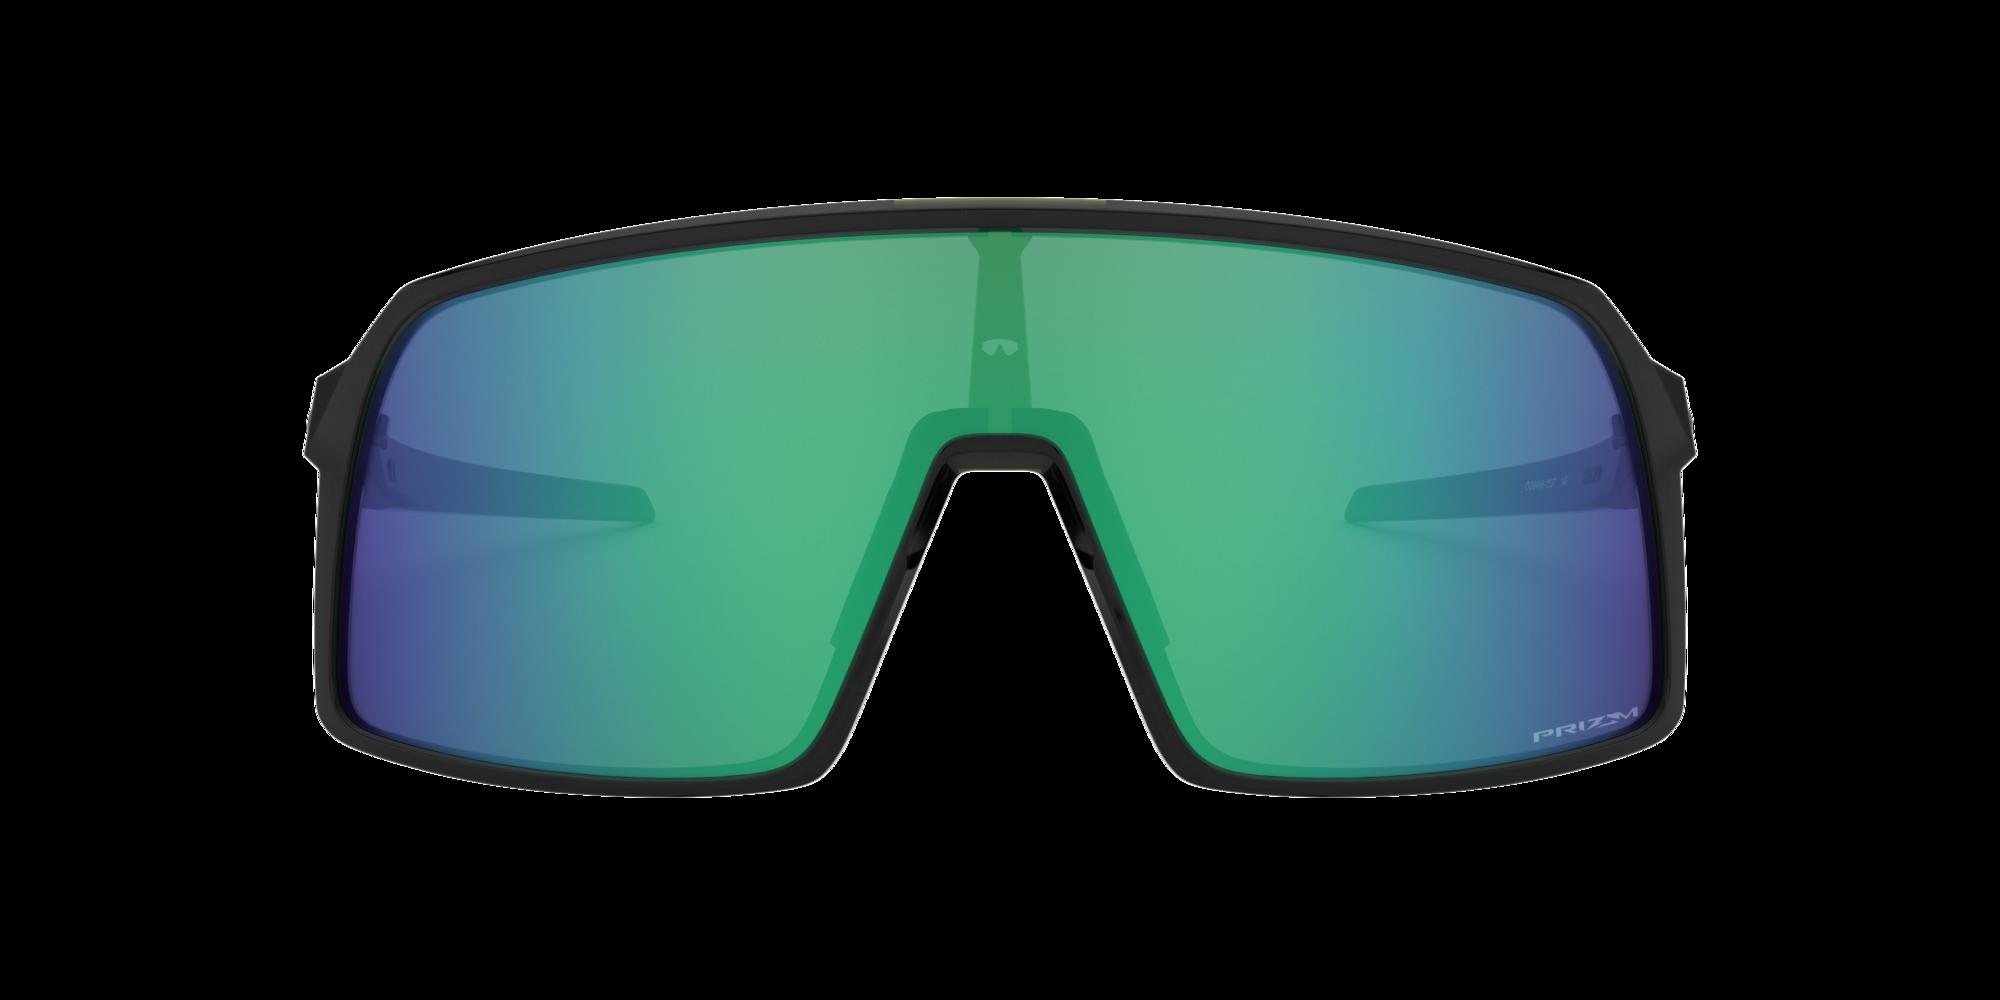 Imagen para OO9406 37 Sutro de LensCrafters |  Espejuelos, espejuelos graduados en línea, gafas